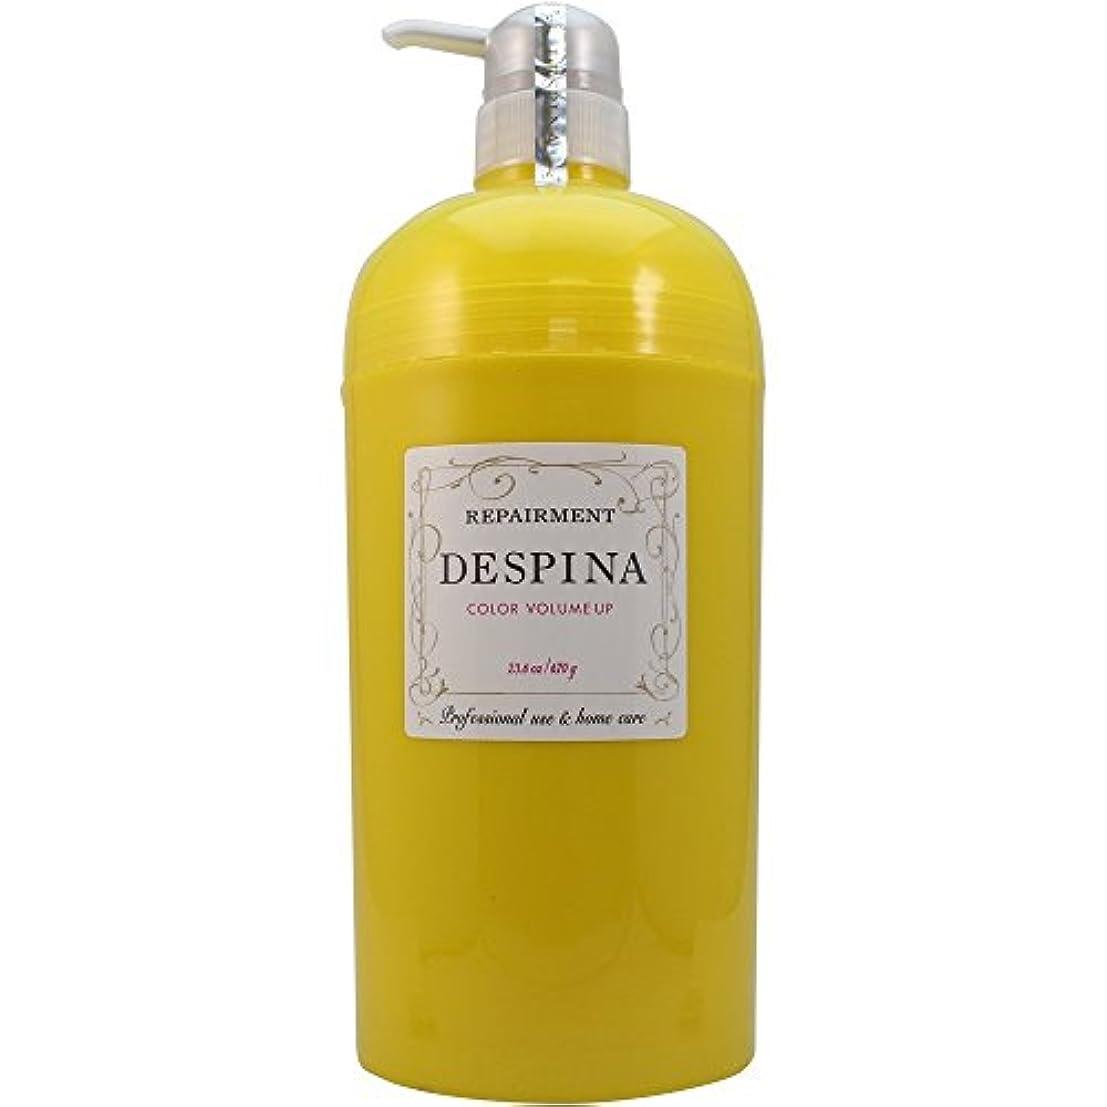 ロック解除硬い統計的中野製薬 デスピナ リペアメント カラー ボリュームアップ 670g